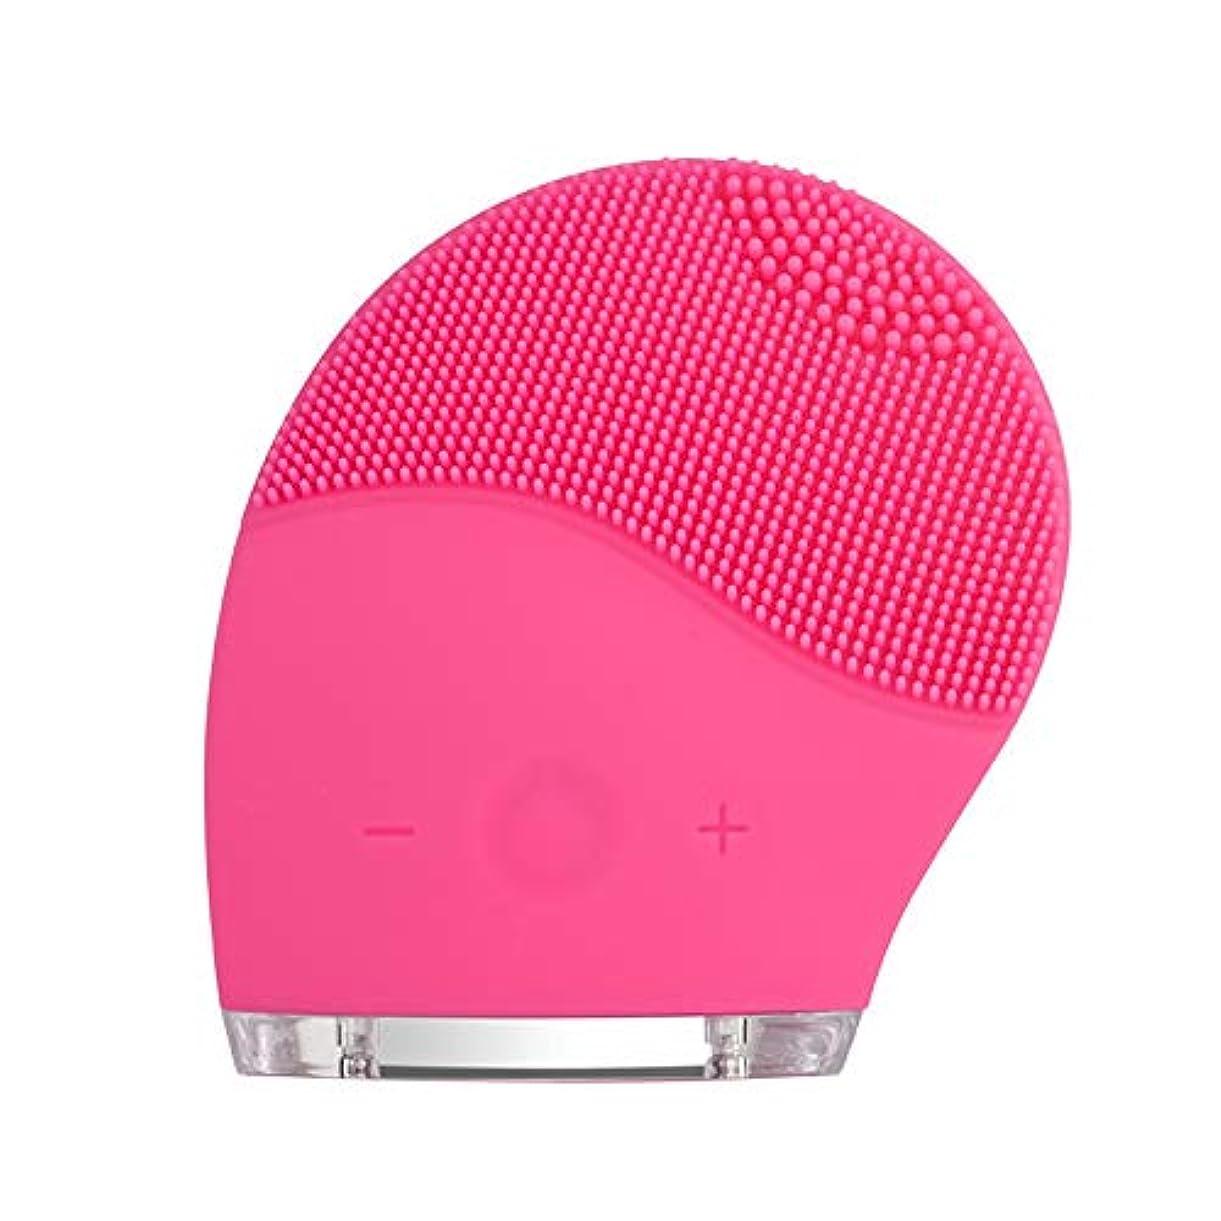 文字ストリーム教授kaixi 2019最新のシリコーンクレンジング楽器洗浄ブラシ電気美容器具毛穴きれいな柔らかい髪振動充電式洗浄アーティファクト